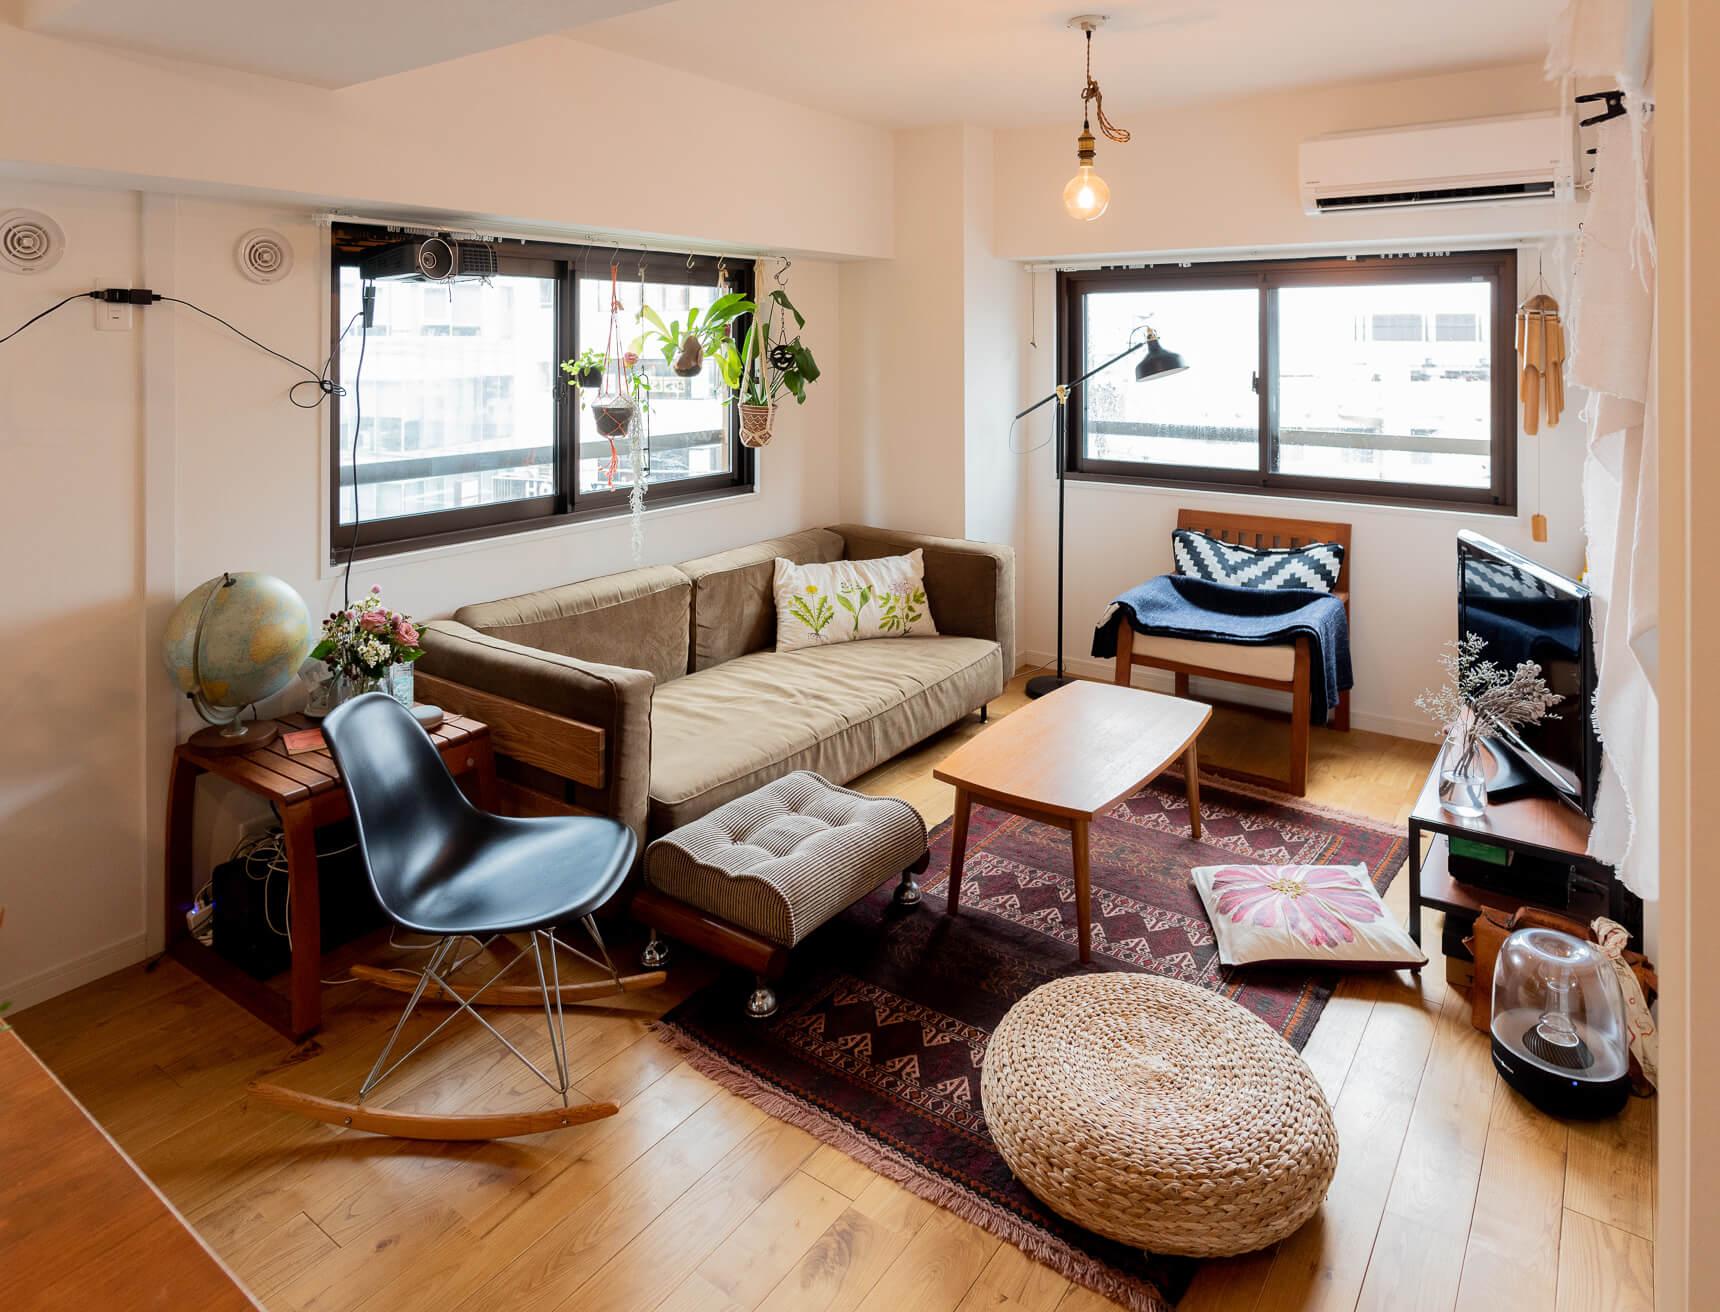 お客さんをたくさん招いた場合に「座る場所が足りない…」となってしまわないように、たくさんの椅子やプフ、クッションを組み合わせてくつろぐ場所をたくさん作っています(このお部屋はこちら)